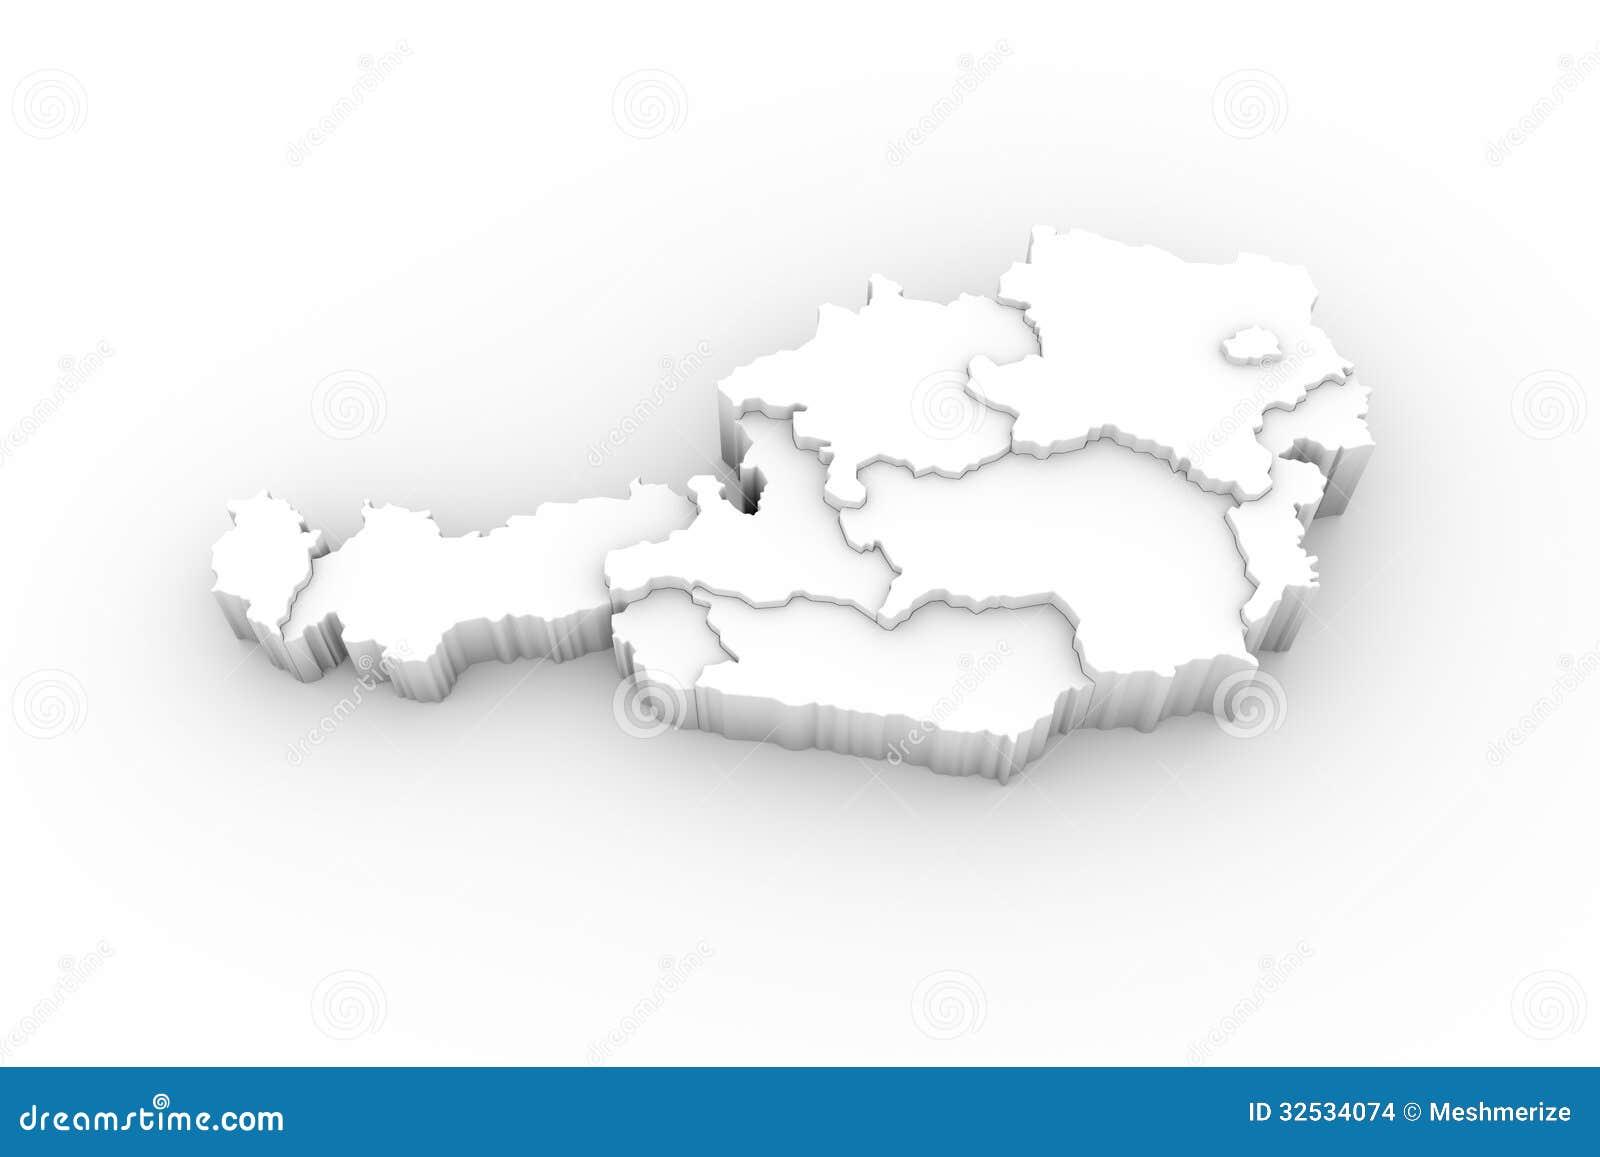 3d Karte Osterreich.3d Karte Osterreich Creactie